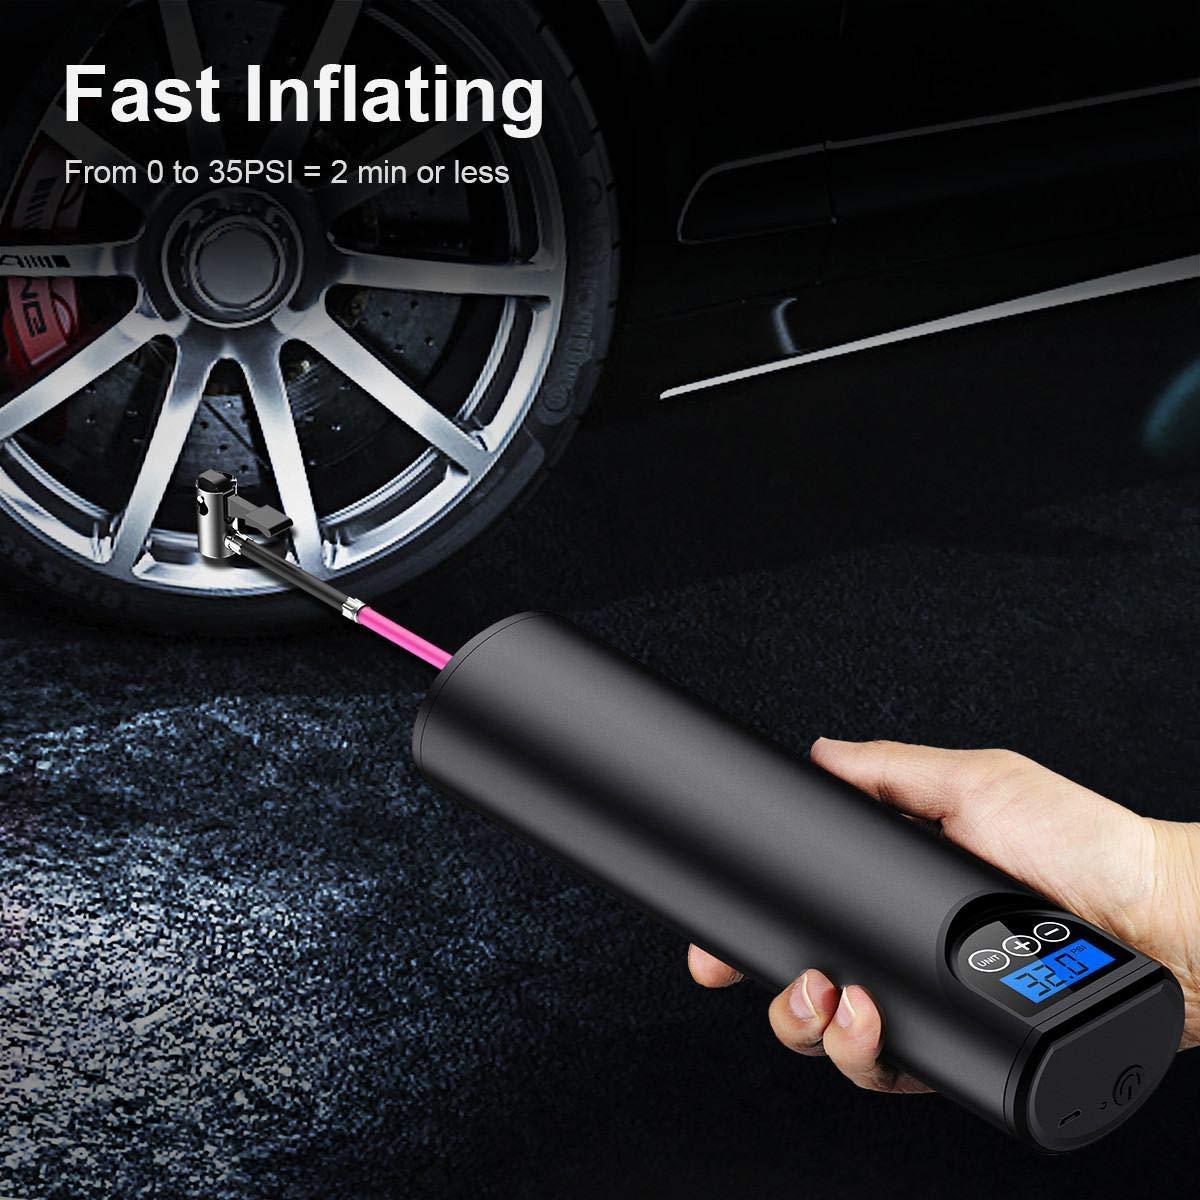 pompe /à air rechargeable de voiture dinflator de Digital daffichage num/érique de gonfleur tenu dans la main sans fil de 12V 150PSI Gris Pompe /à air portative de compresseur